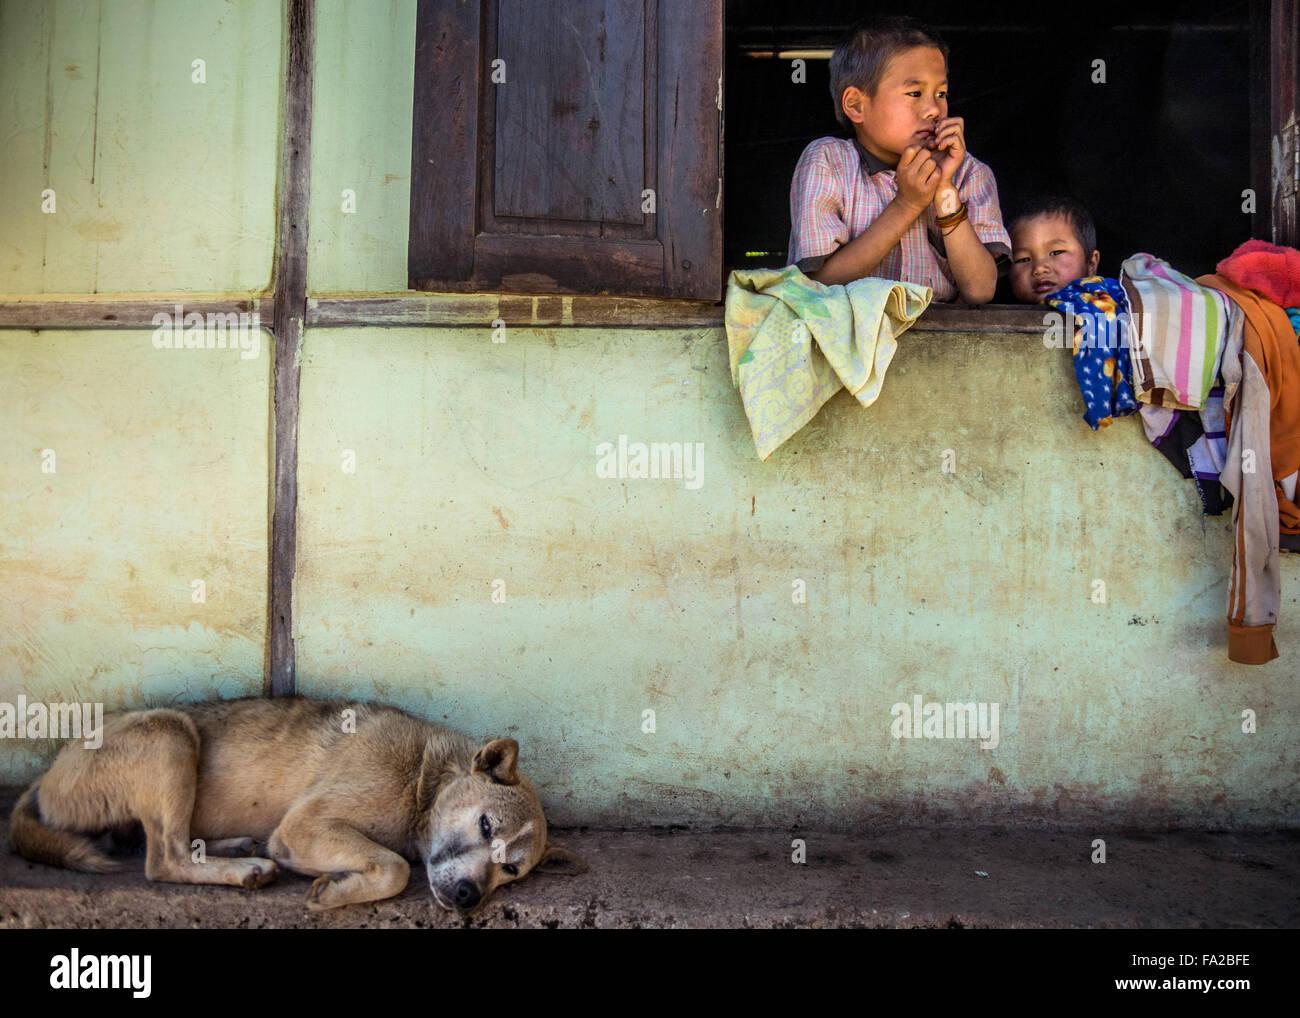 Les enfants du Myanmar. (L'État de Shan, Myanmar, Birmanie) Banque D'Images